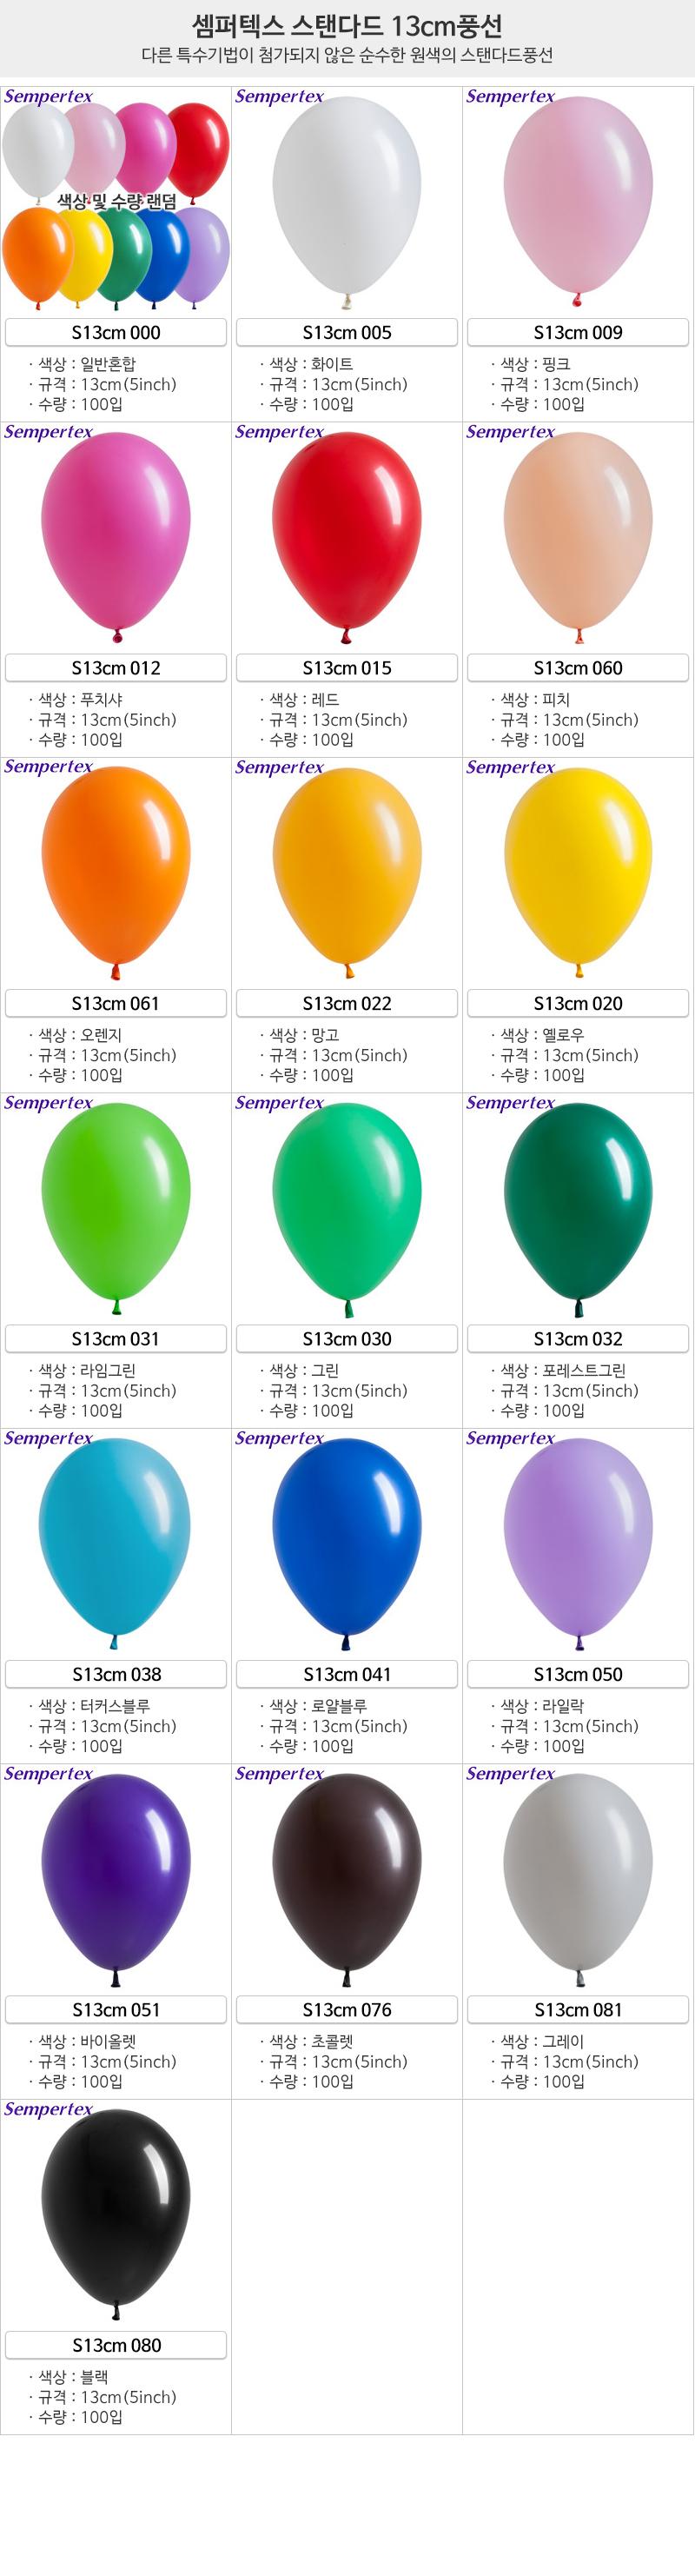 셈퍼텍스 13cm풍선(5인치) 포레스트그린 100입 - 파티마트, 5,400원, 파티용품, 풍선/세트